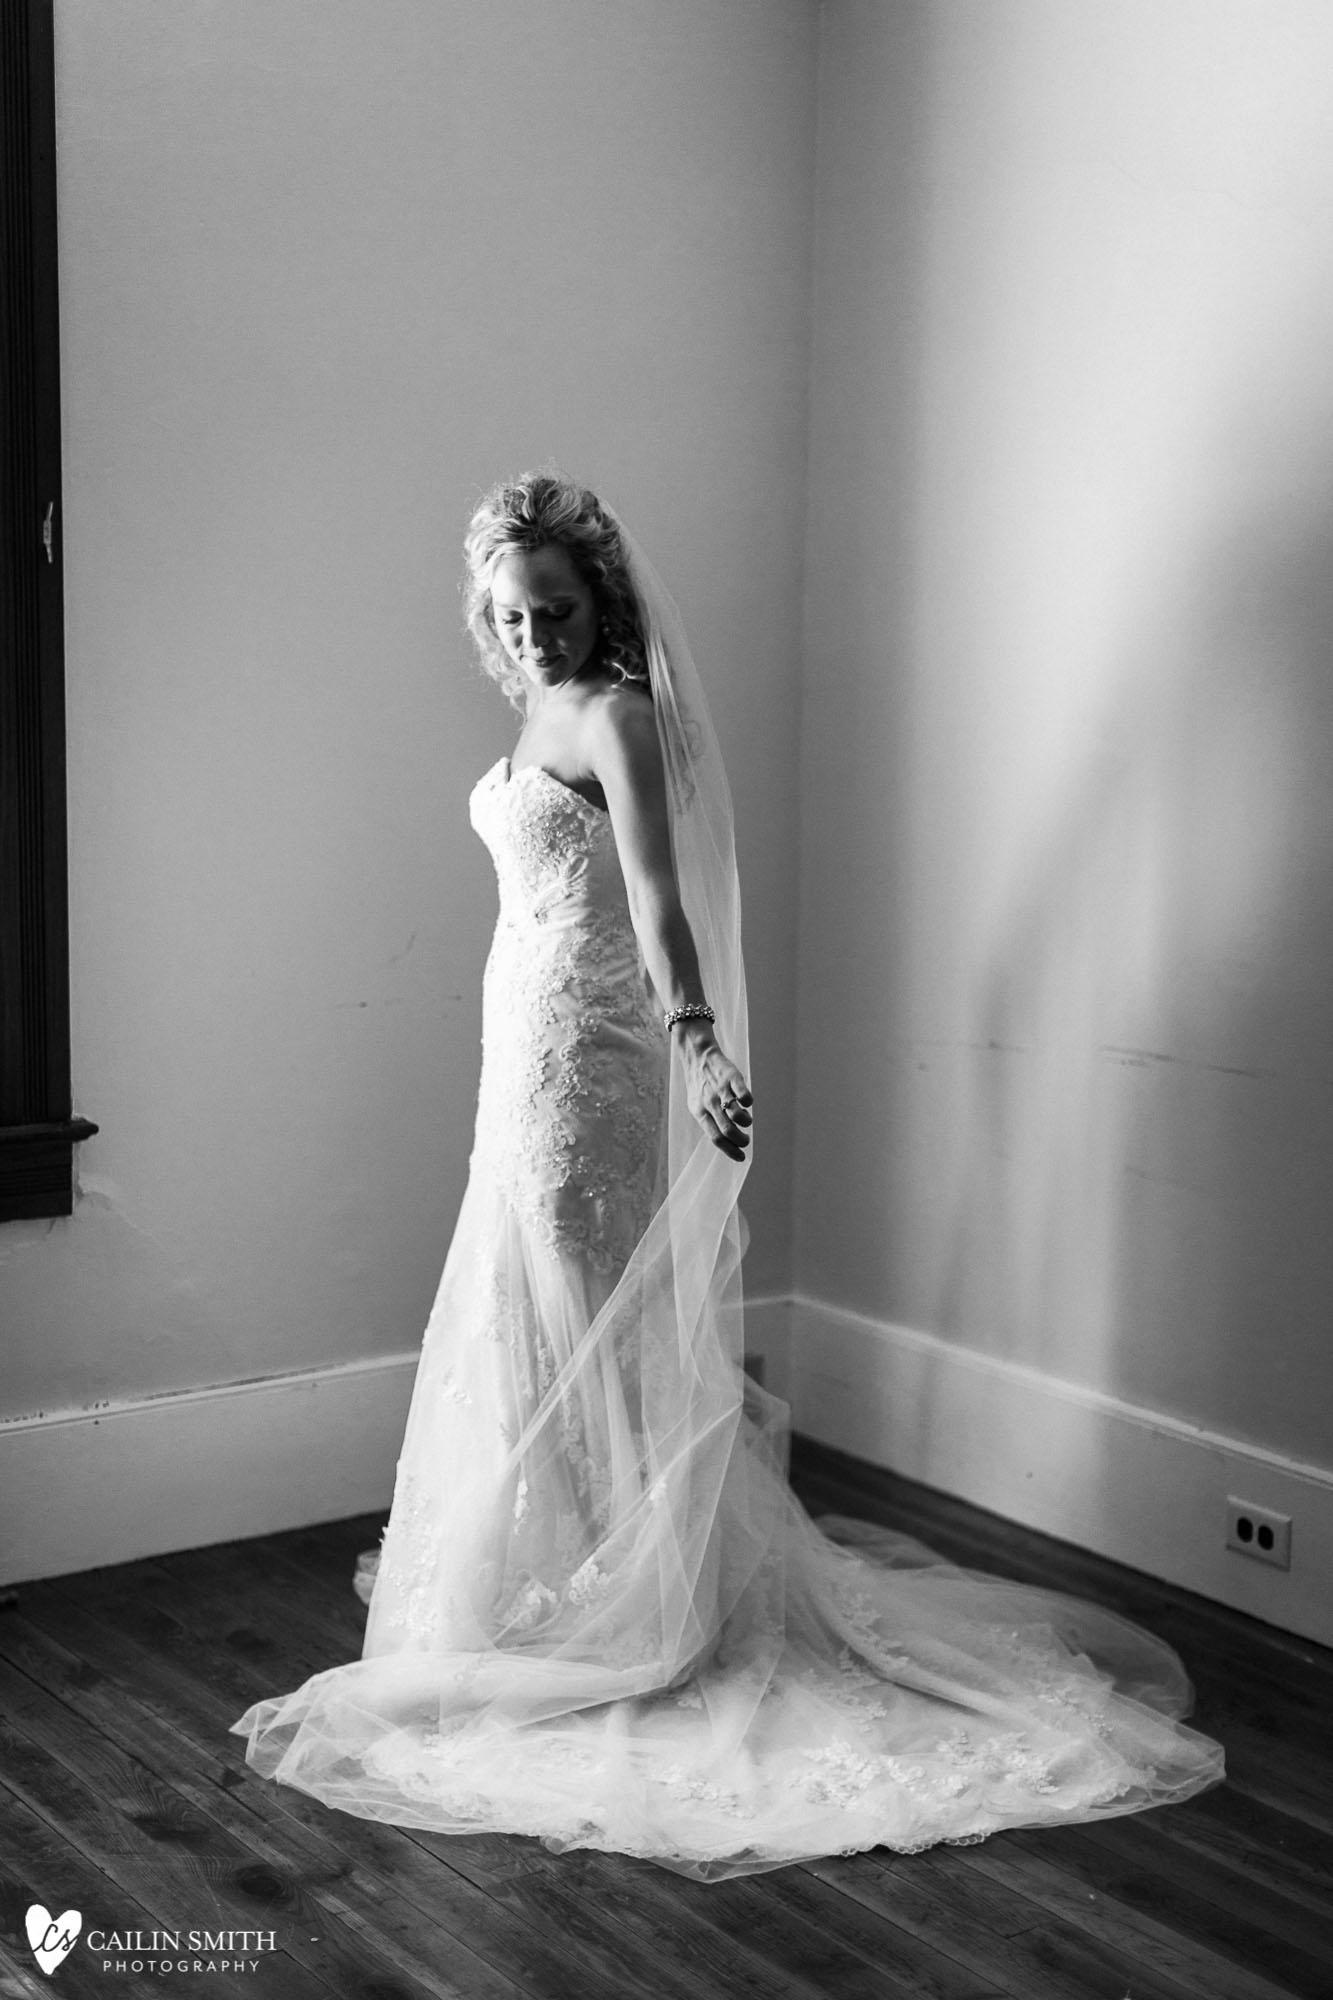 Leah_Major_St_Marys_Wedding_Photography_017.jpg